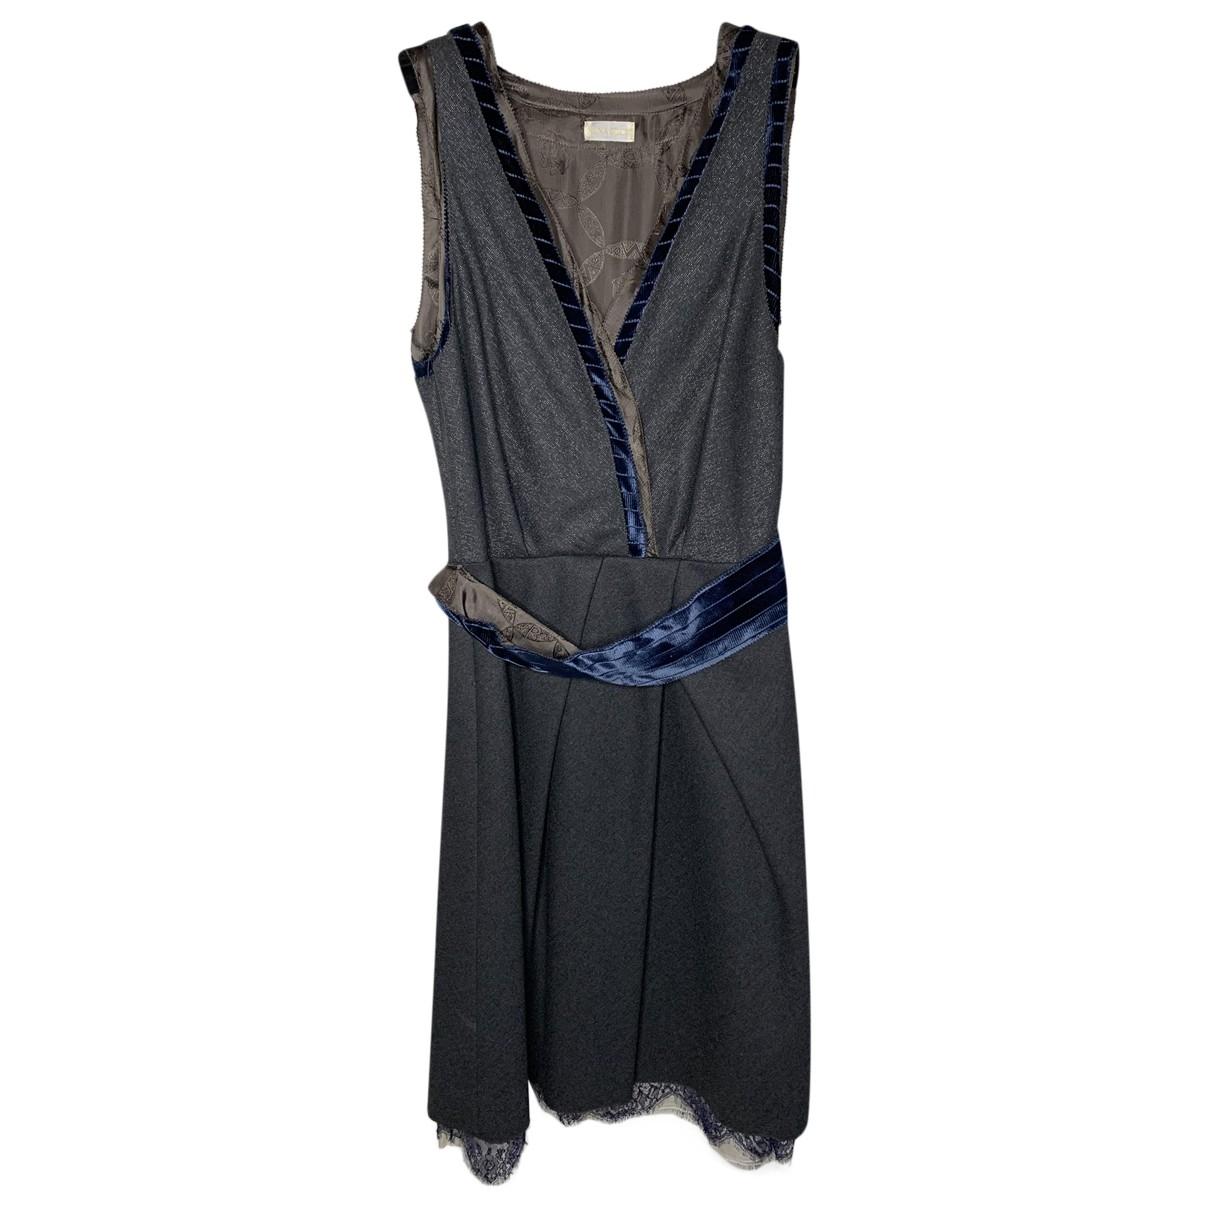 Nina Ricci \N Kleid in  Grau Wolle